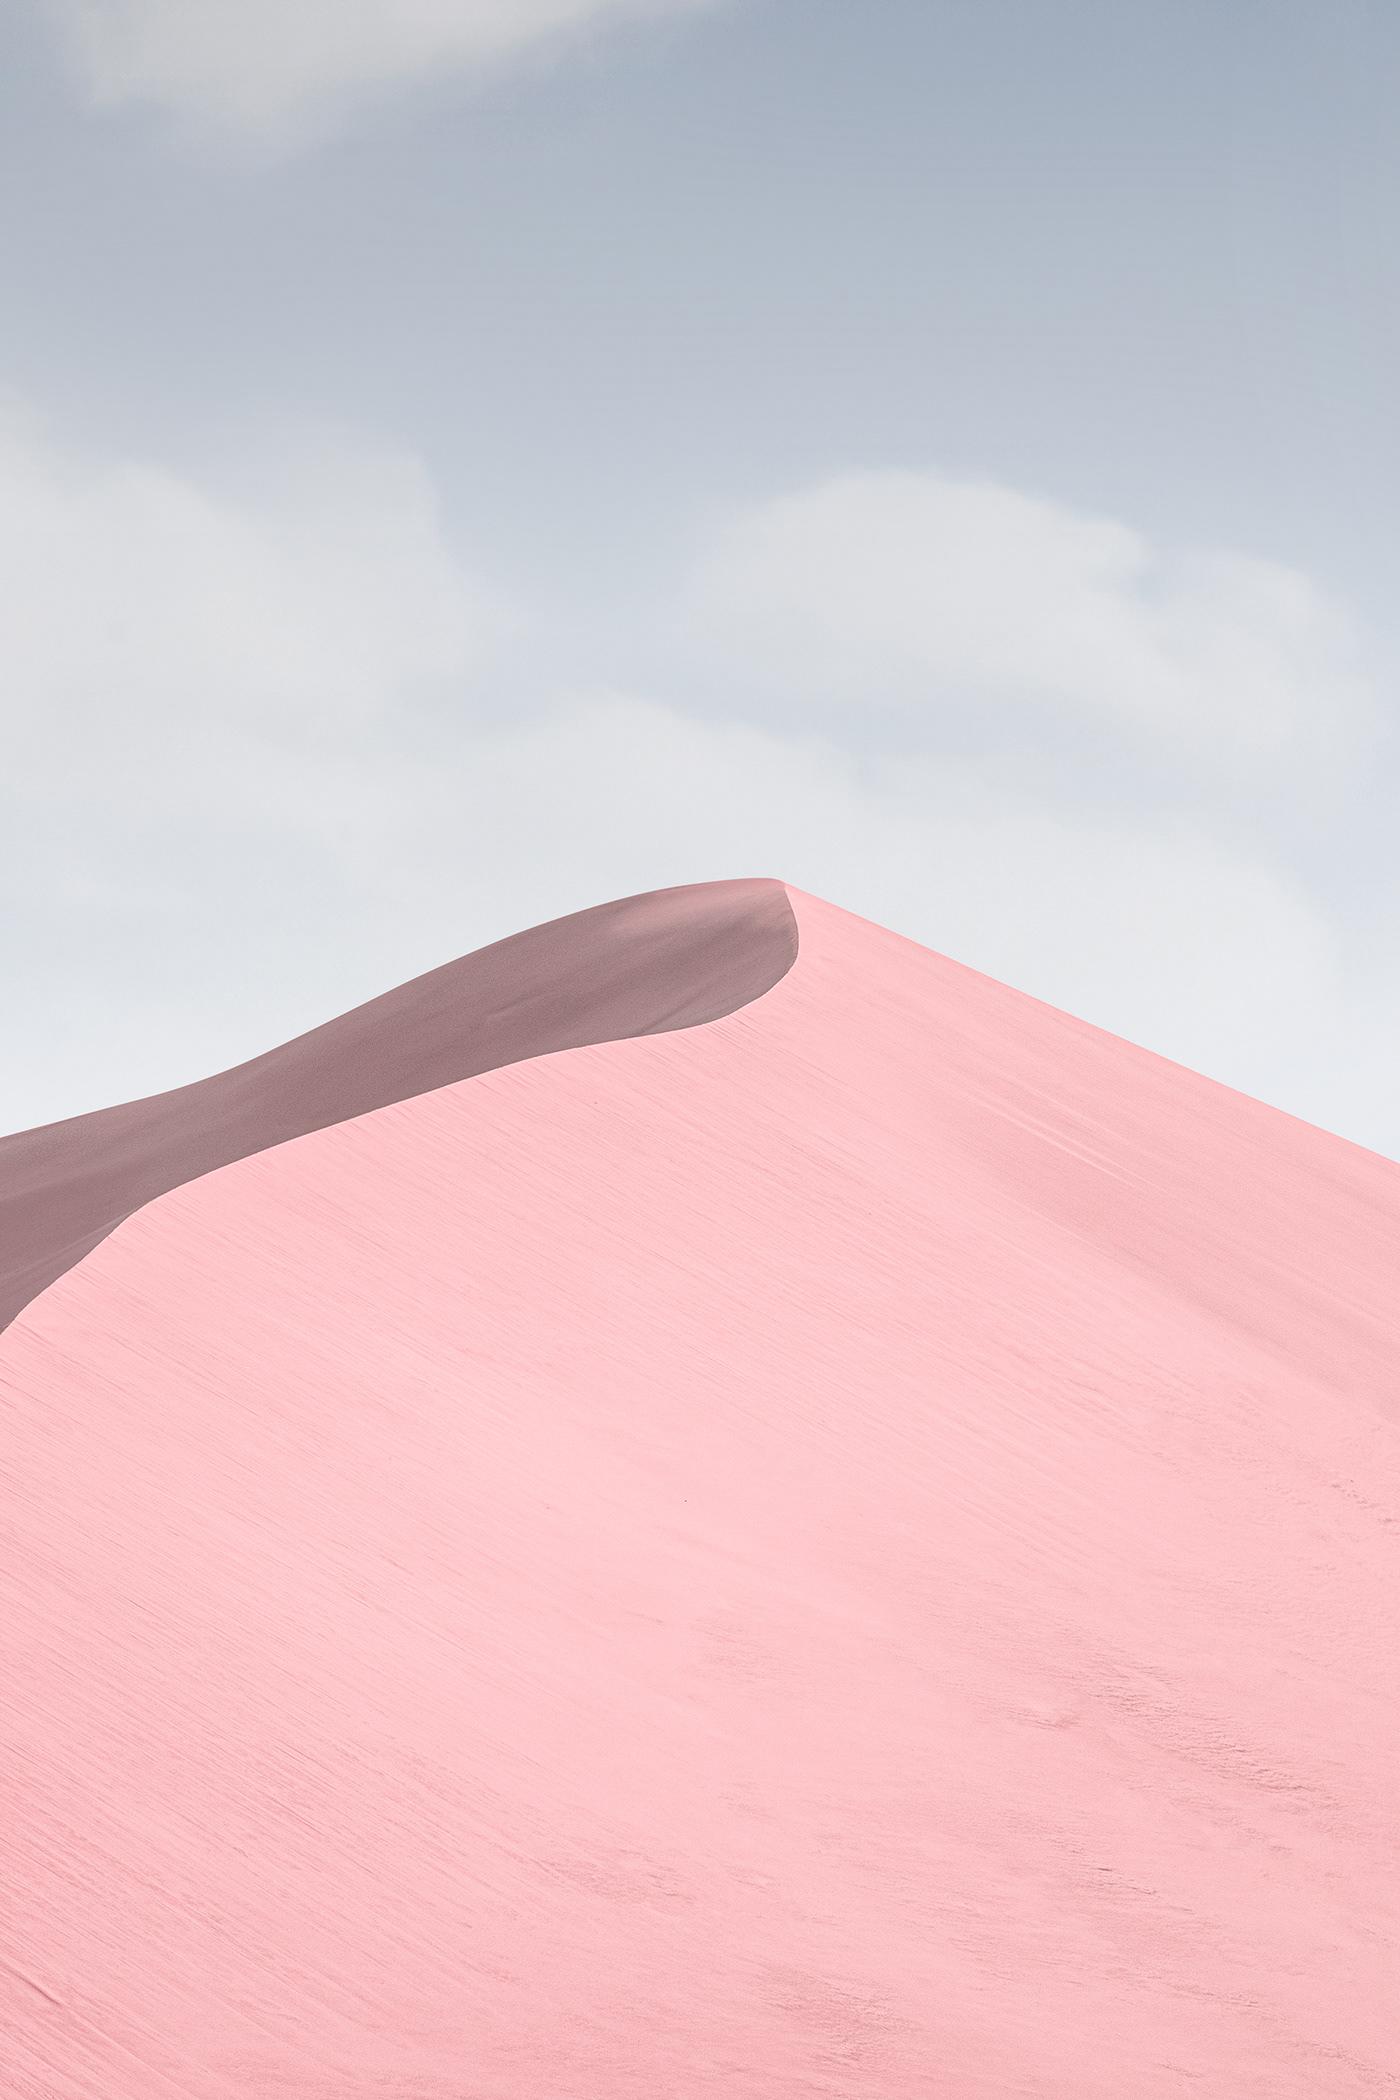 desert Jonas daley Magic Reality pink desert sand hill wallpaper 壁纸  粉色沙漠 魔幻现实 鸣沙山